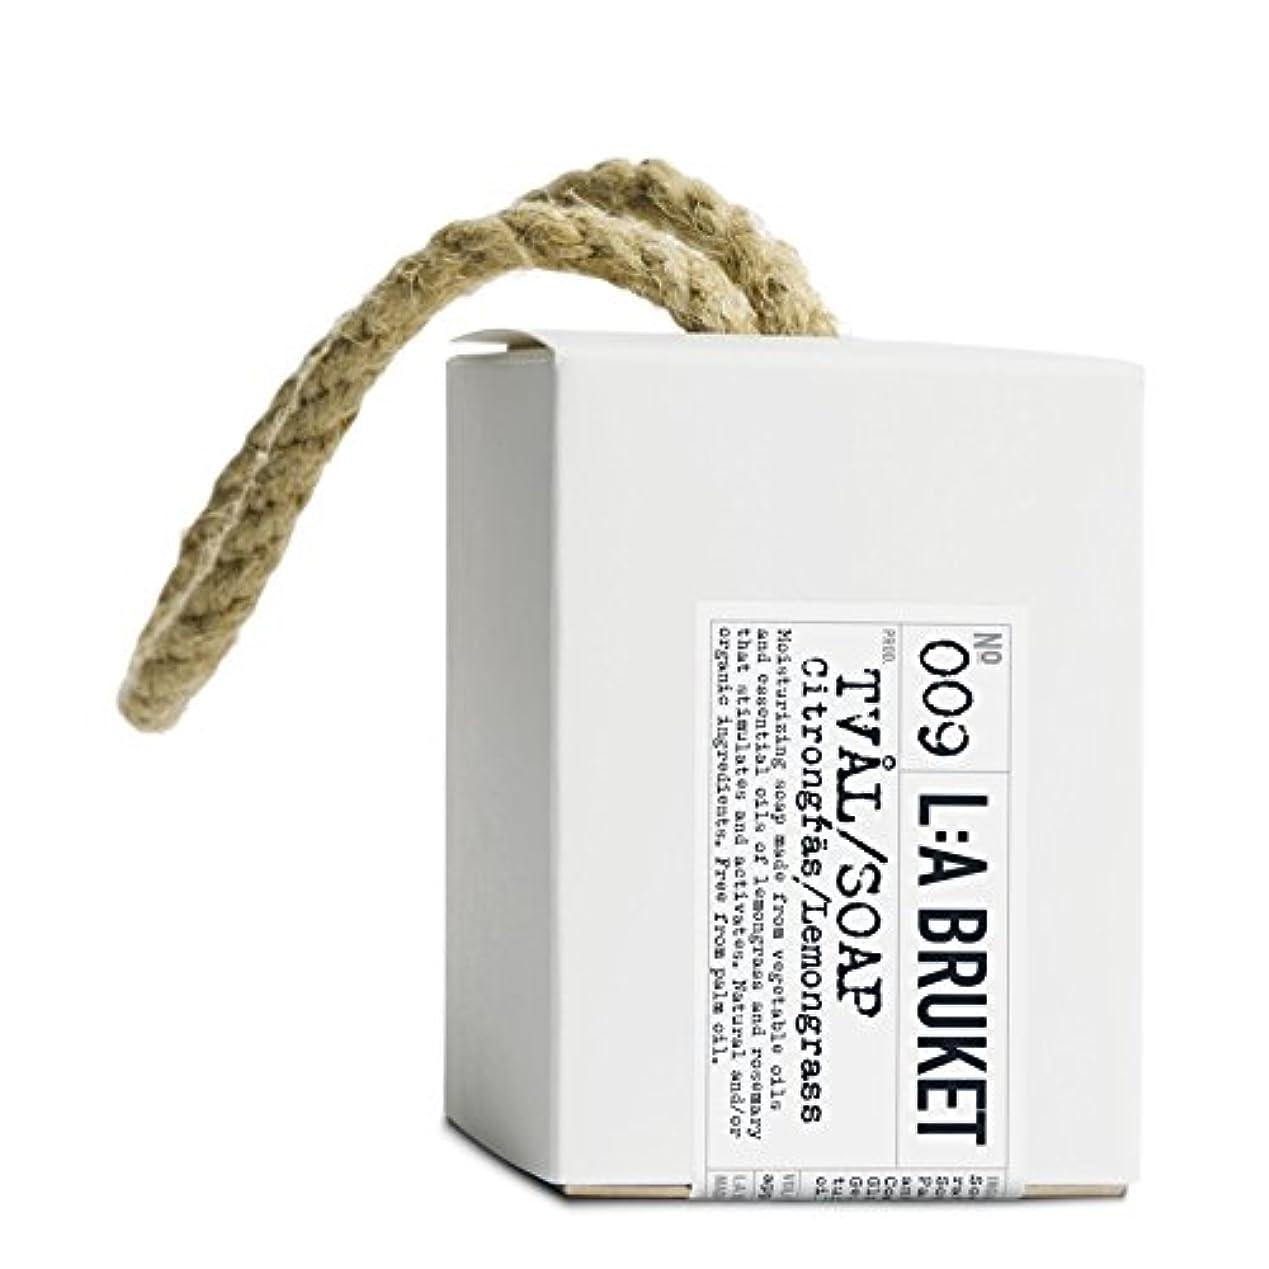 説得正直振動させるL:A Bruket Lemongrass Soap on a Roap 240g - :の240グラムののレモングラス石けん [並行輸入品]